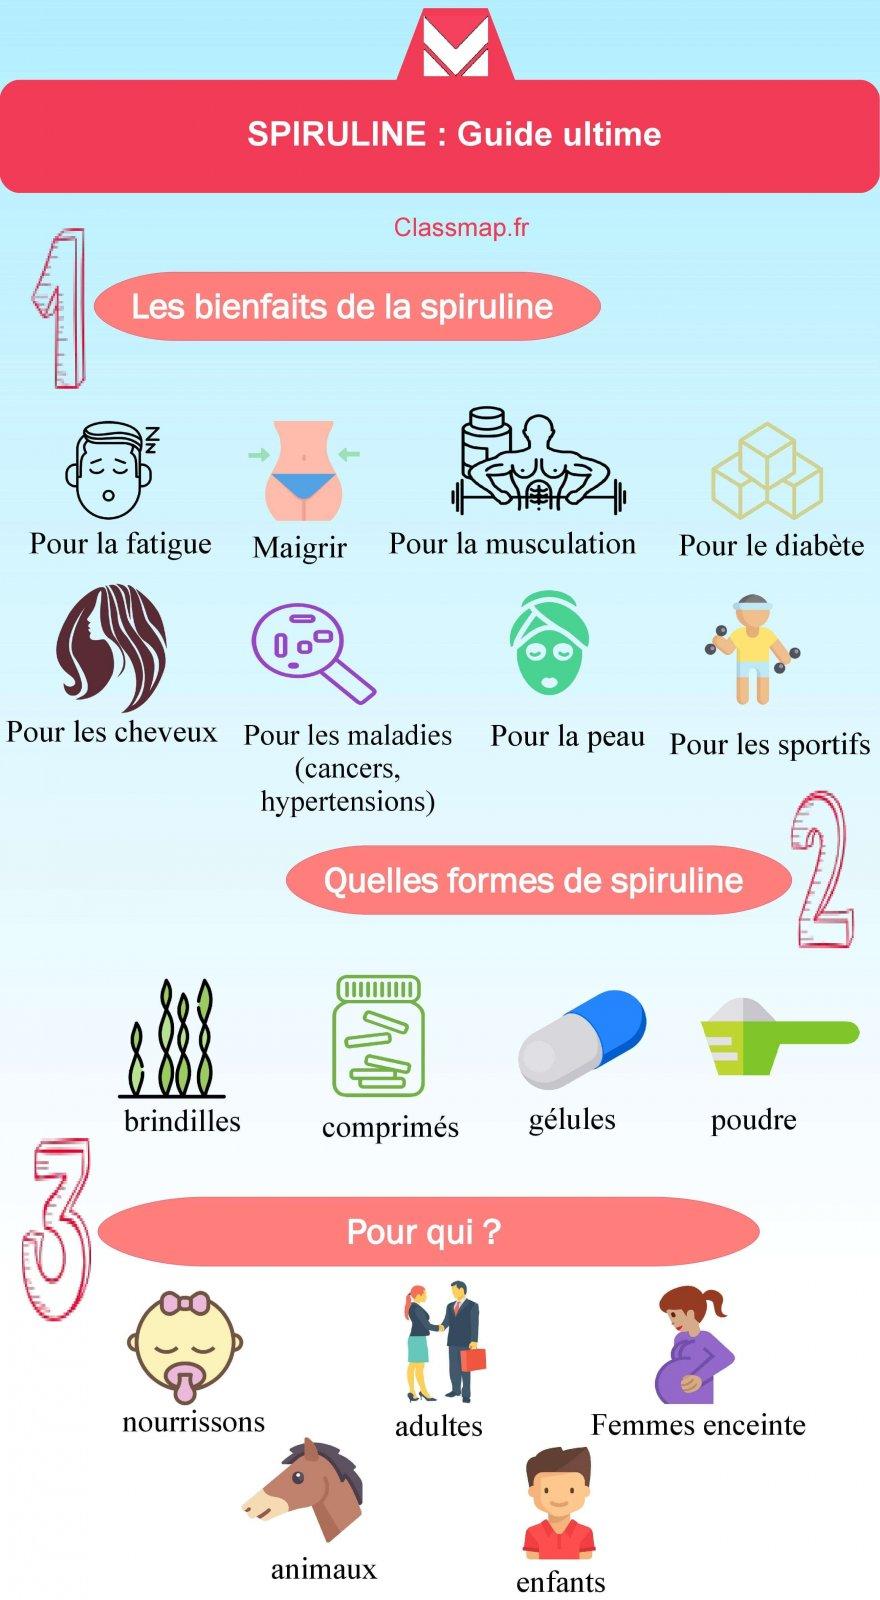 Proteine Spiruline : Comparatif - Comprimés - Bénéfices |  Quels sont les bénéfices